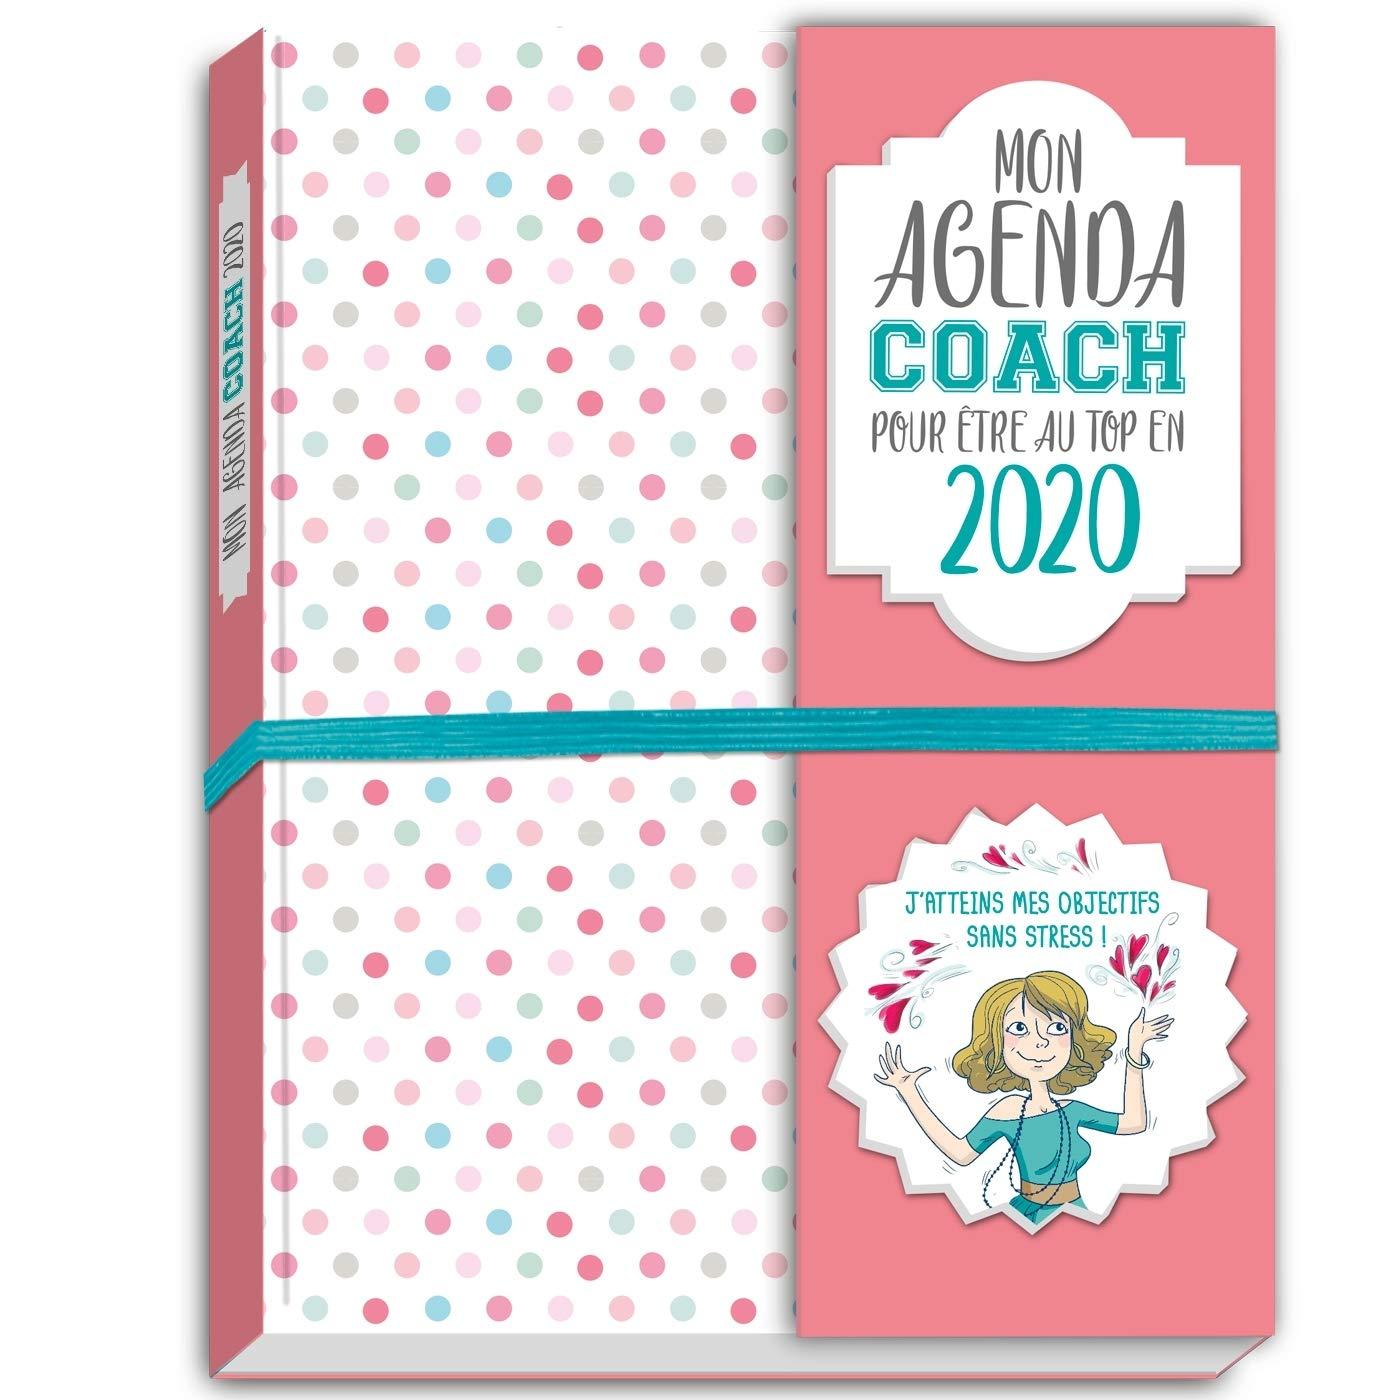 Mon agenda Coach pour être au top en 2020: 9782809665819 ...